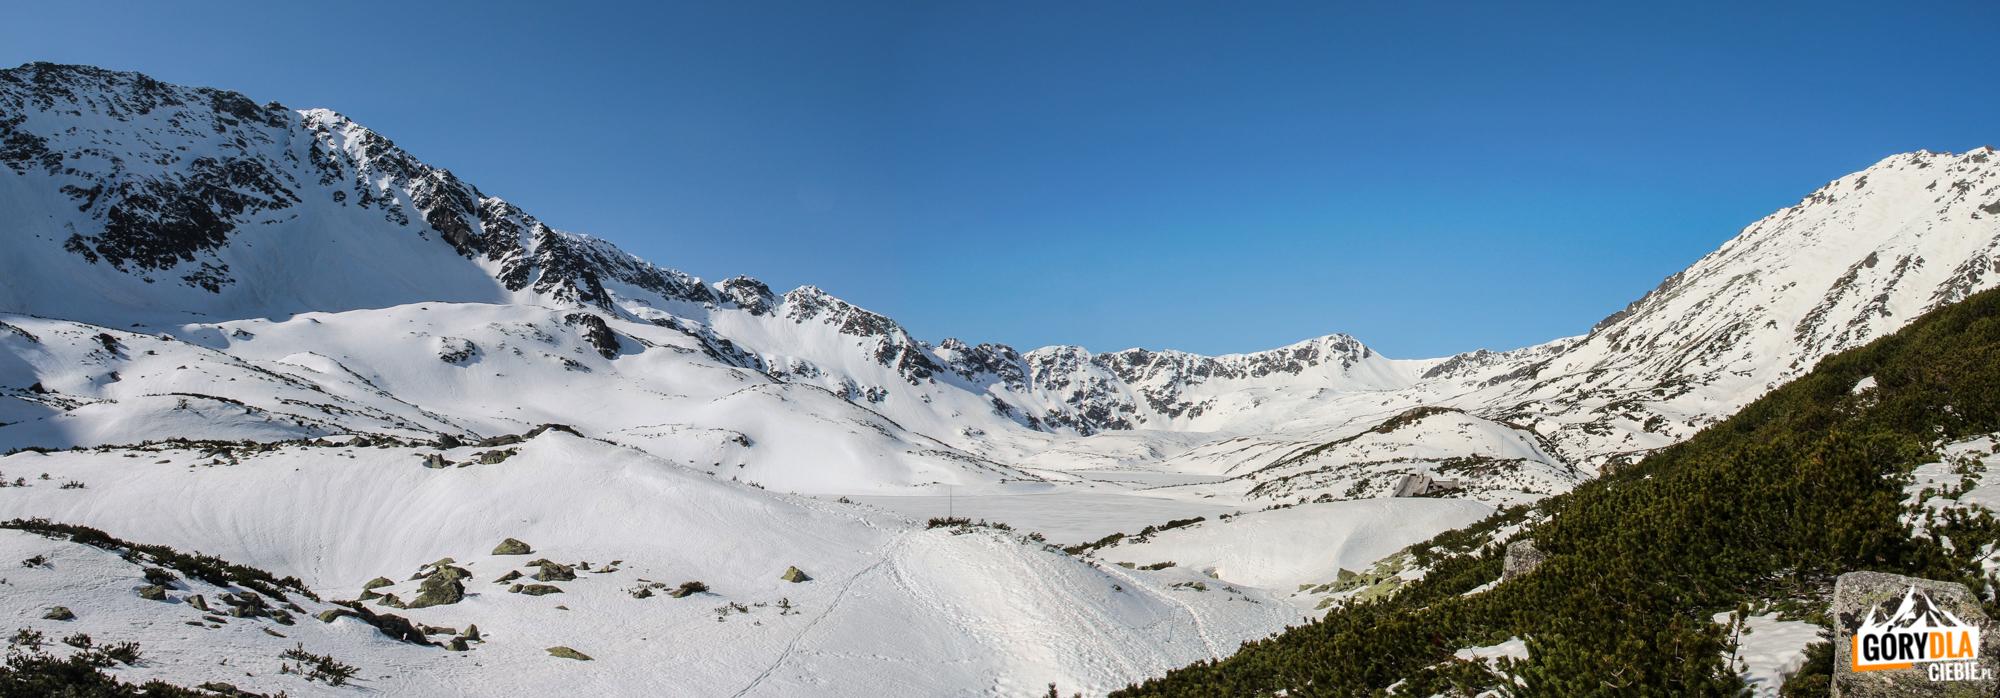 Dolina 5 Stawów Polskich widziana z pod Niżniej Kopy